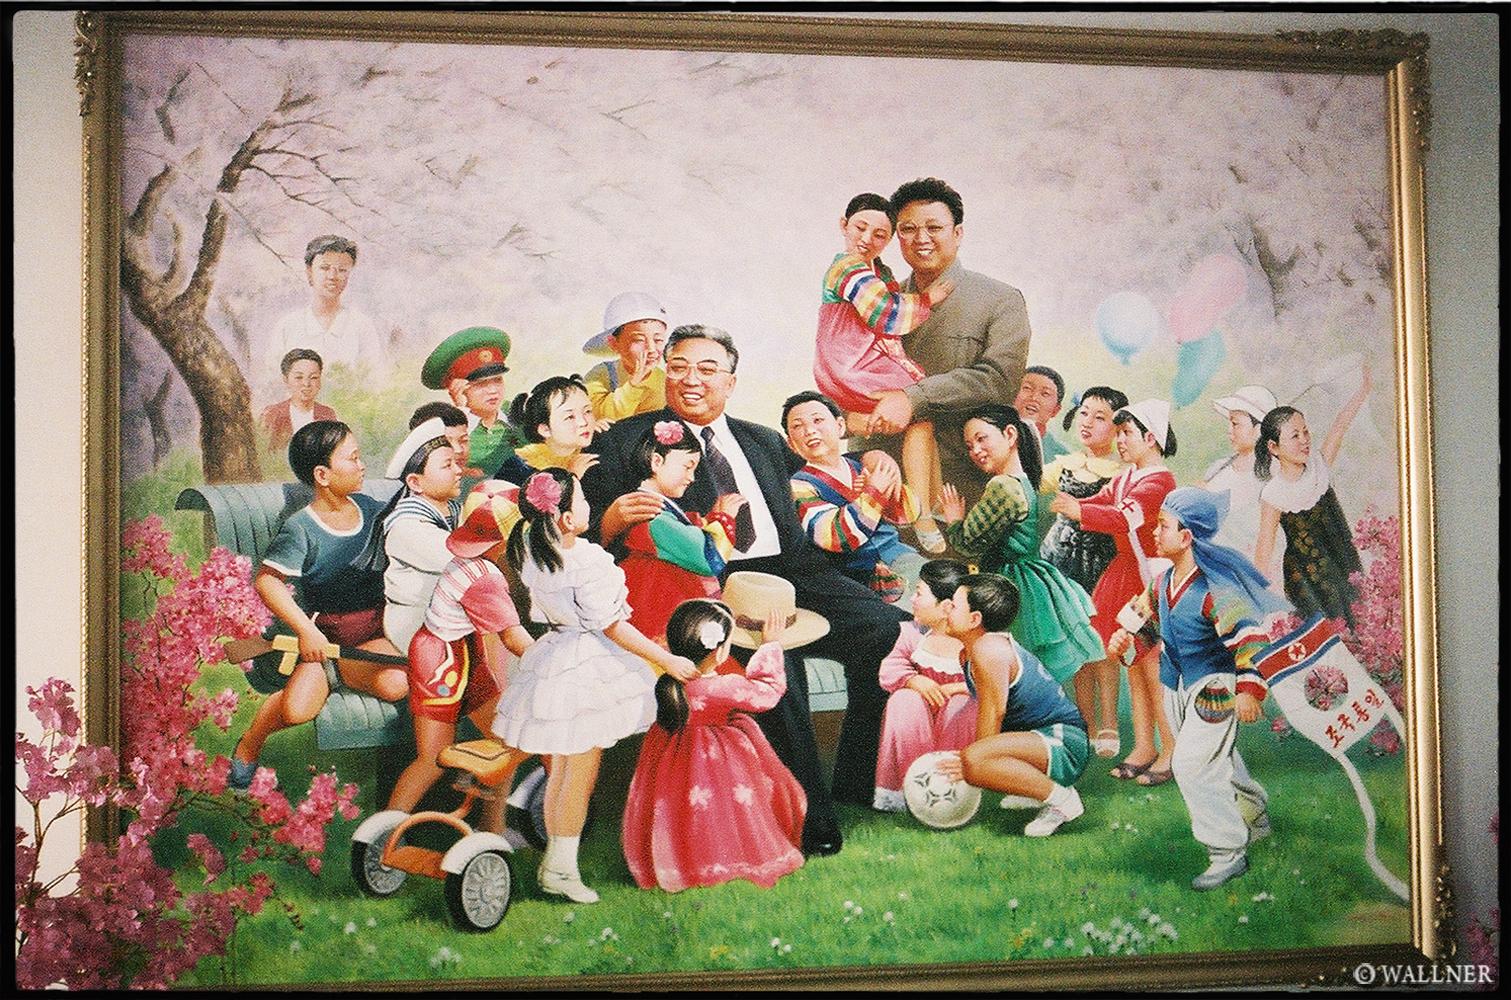 35mmPatrikWallner_Pyongyang_KimsLoveKidsLOWQ